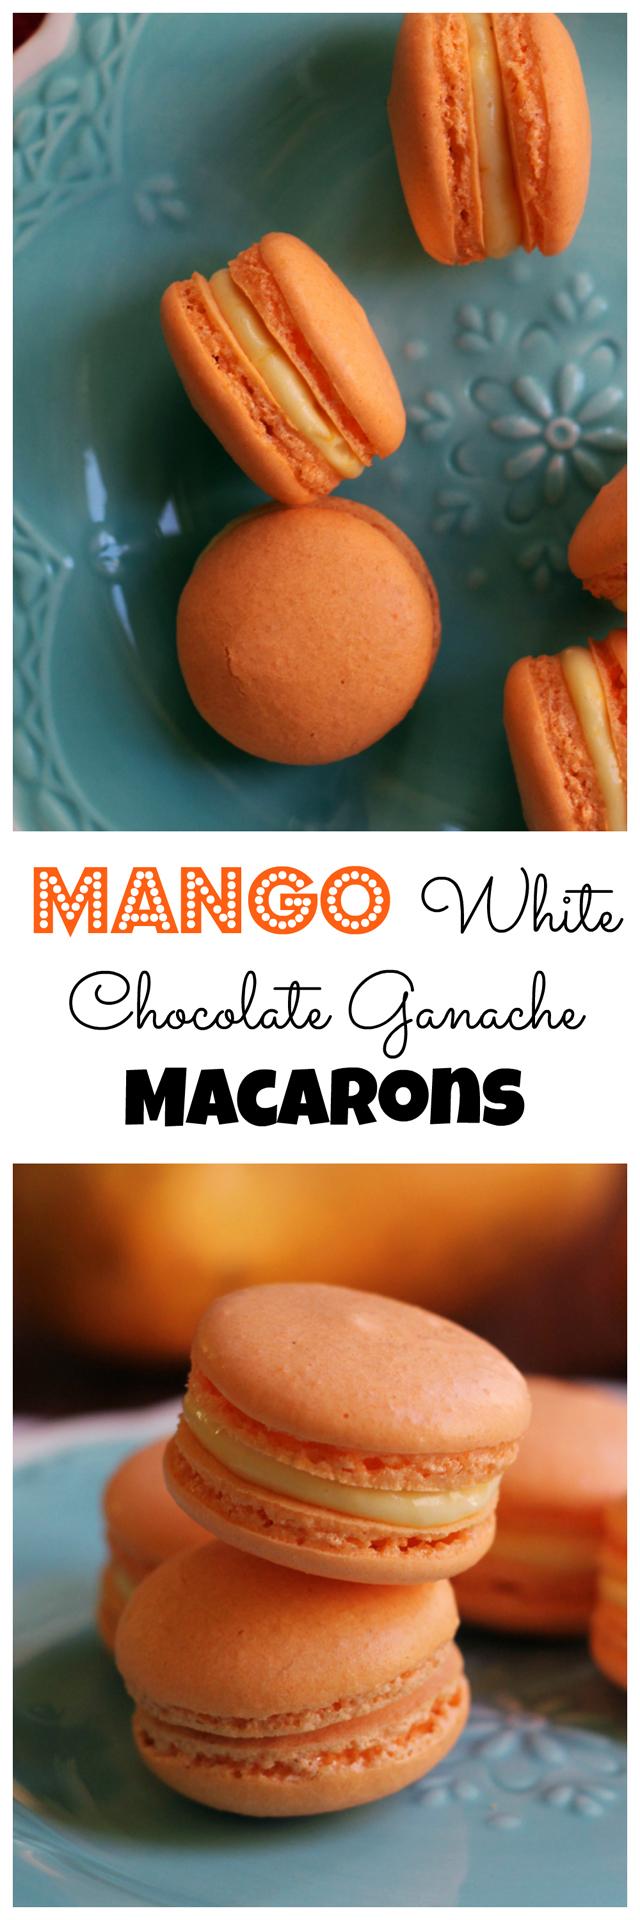 mango white chocolate ganache macarons